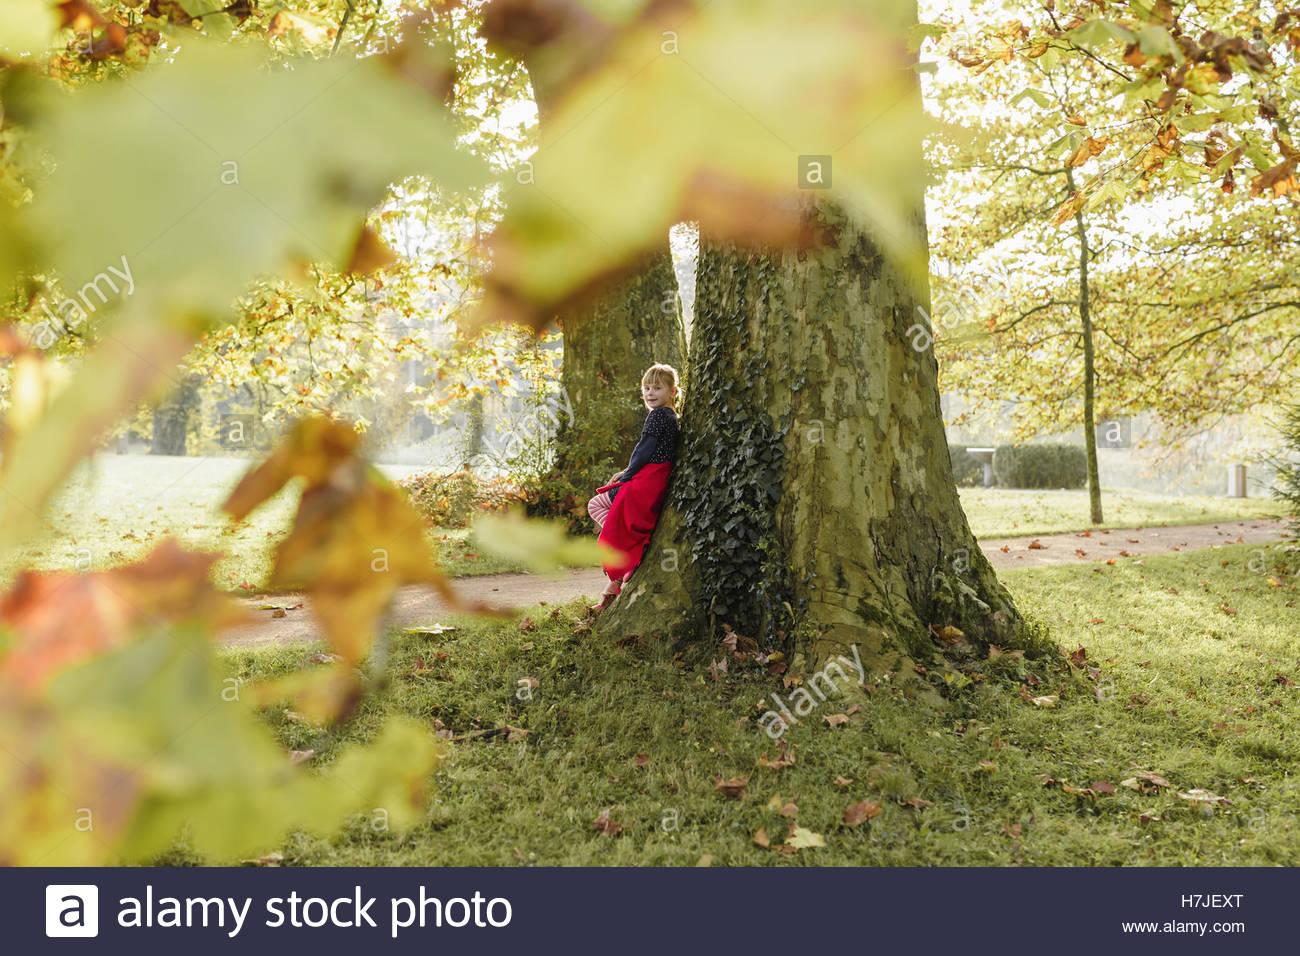 Lumière d'automne. Petite fille en manteau rouge appuyé contre un arbre en automne parc. Photo Stock